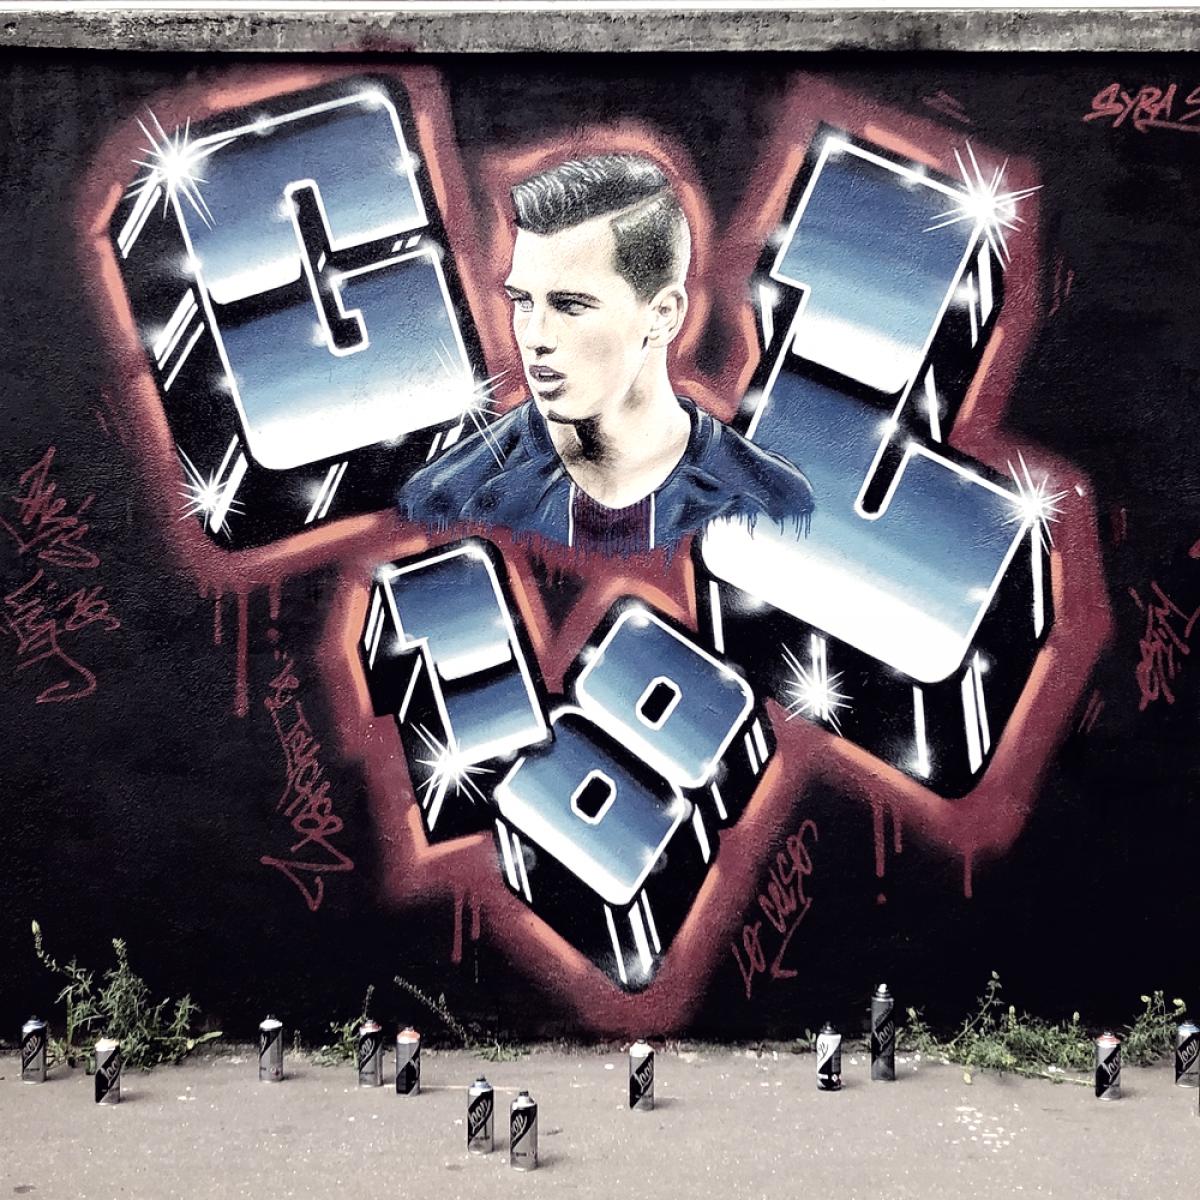 Terrible mural